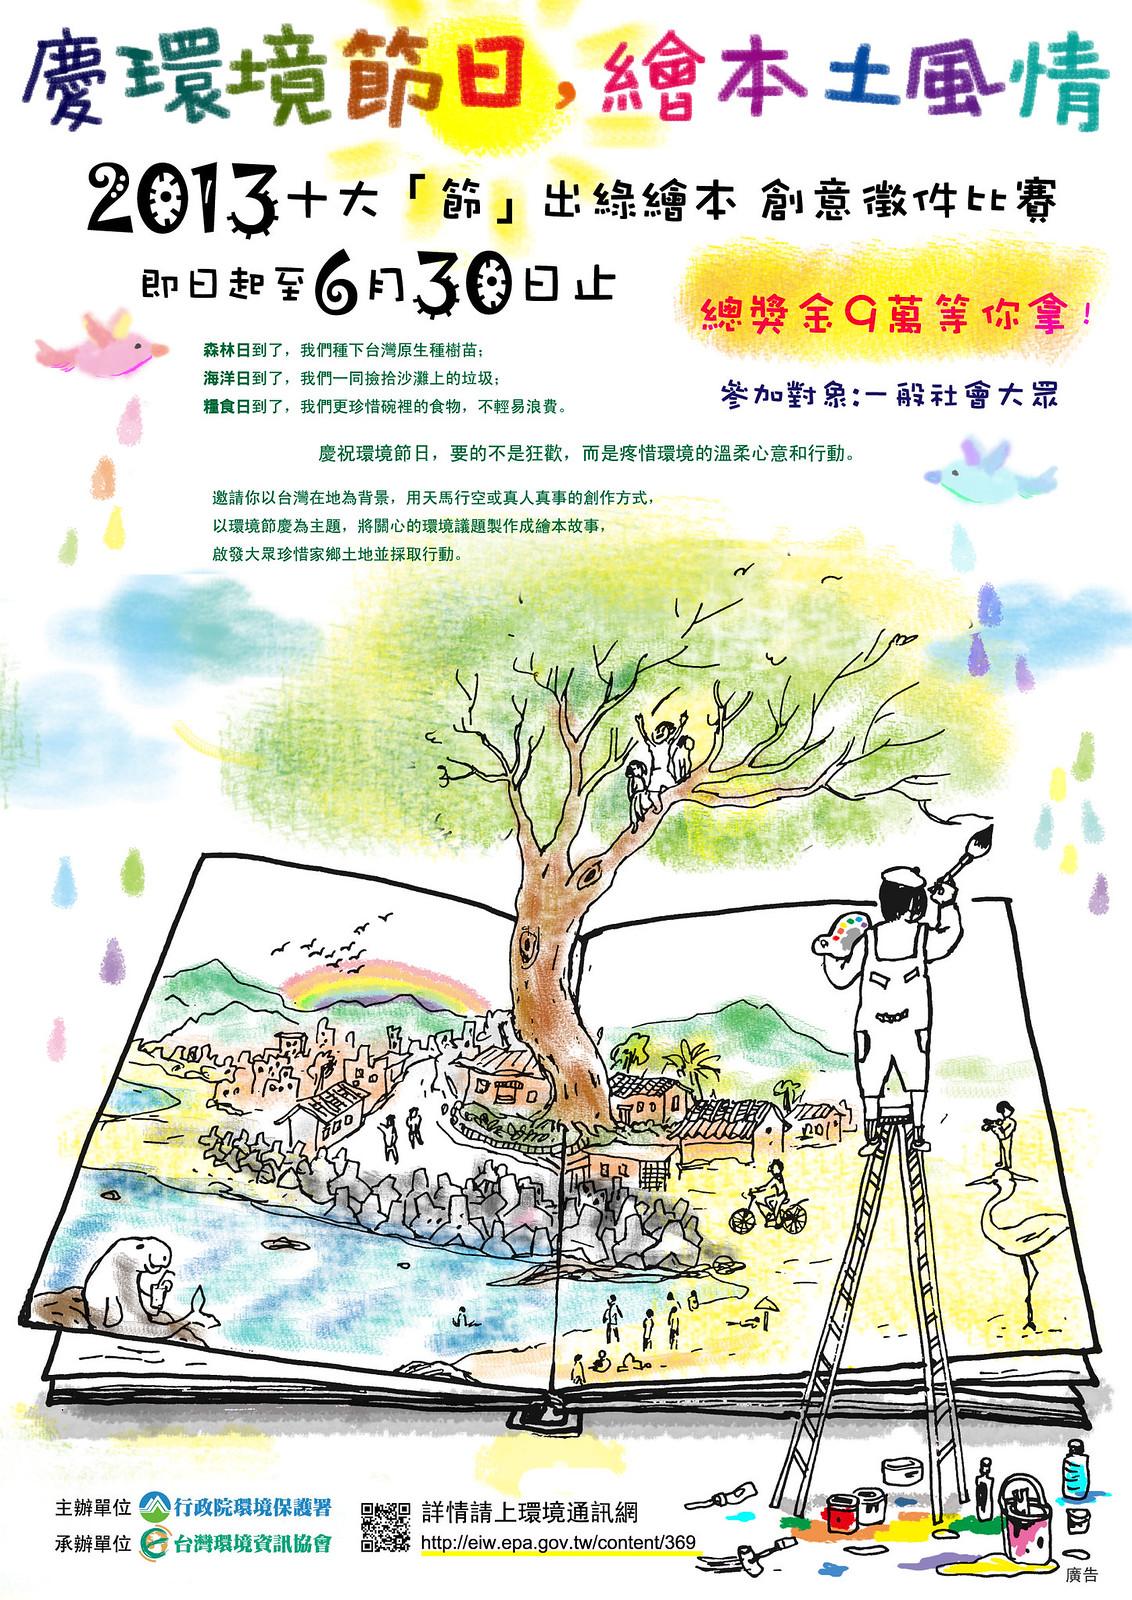 十大「節」出綠繪本創意徵件,希望能募集結合環境節日和台灣在地風光的繪本作品,有興趣的朋友請別錯過!